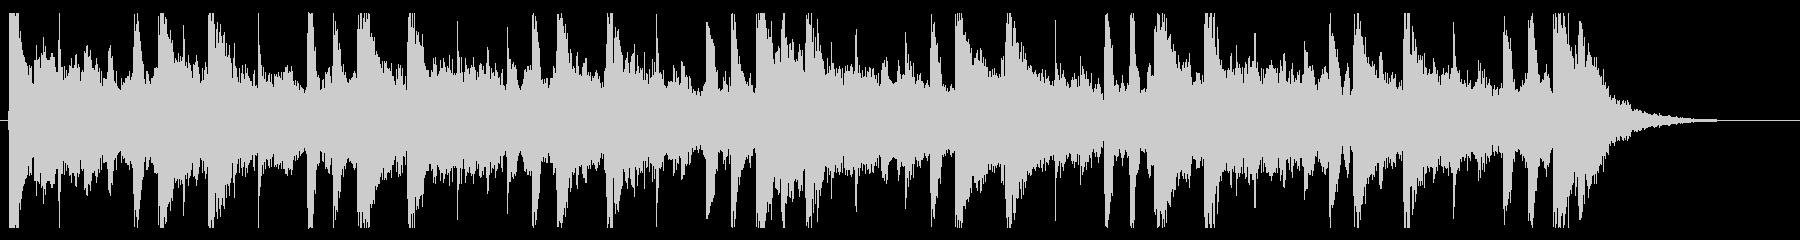 和を感じる切ないBGM_No604_4の未再生の波形